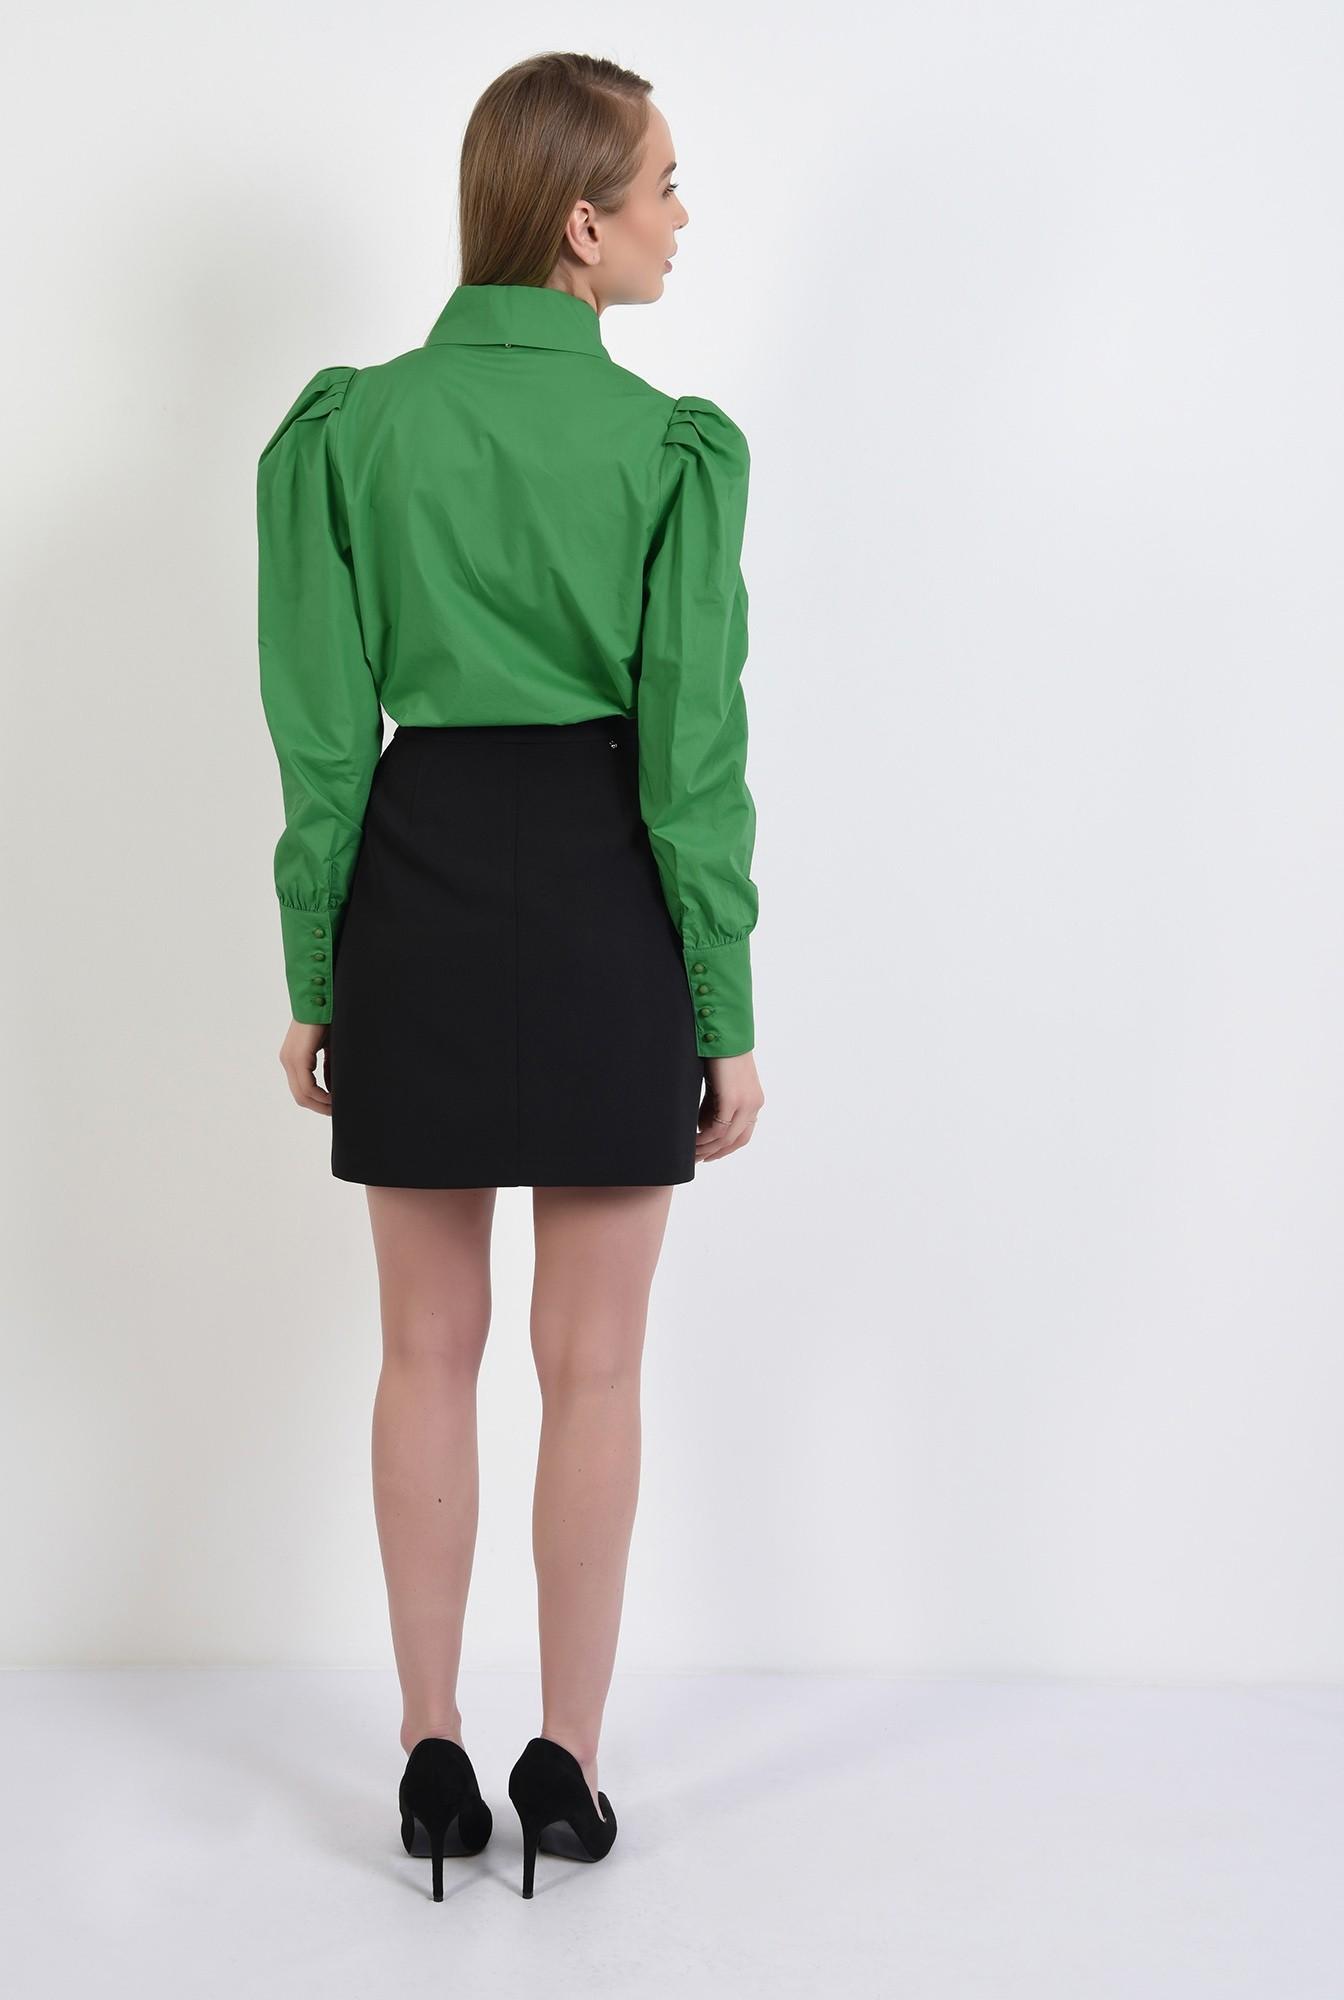 1 - camasa verde, casual, cu pliuri decorative, nasturi perla